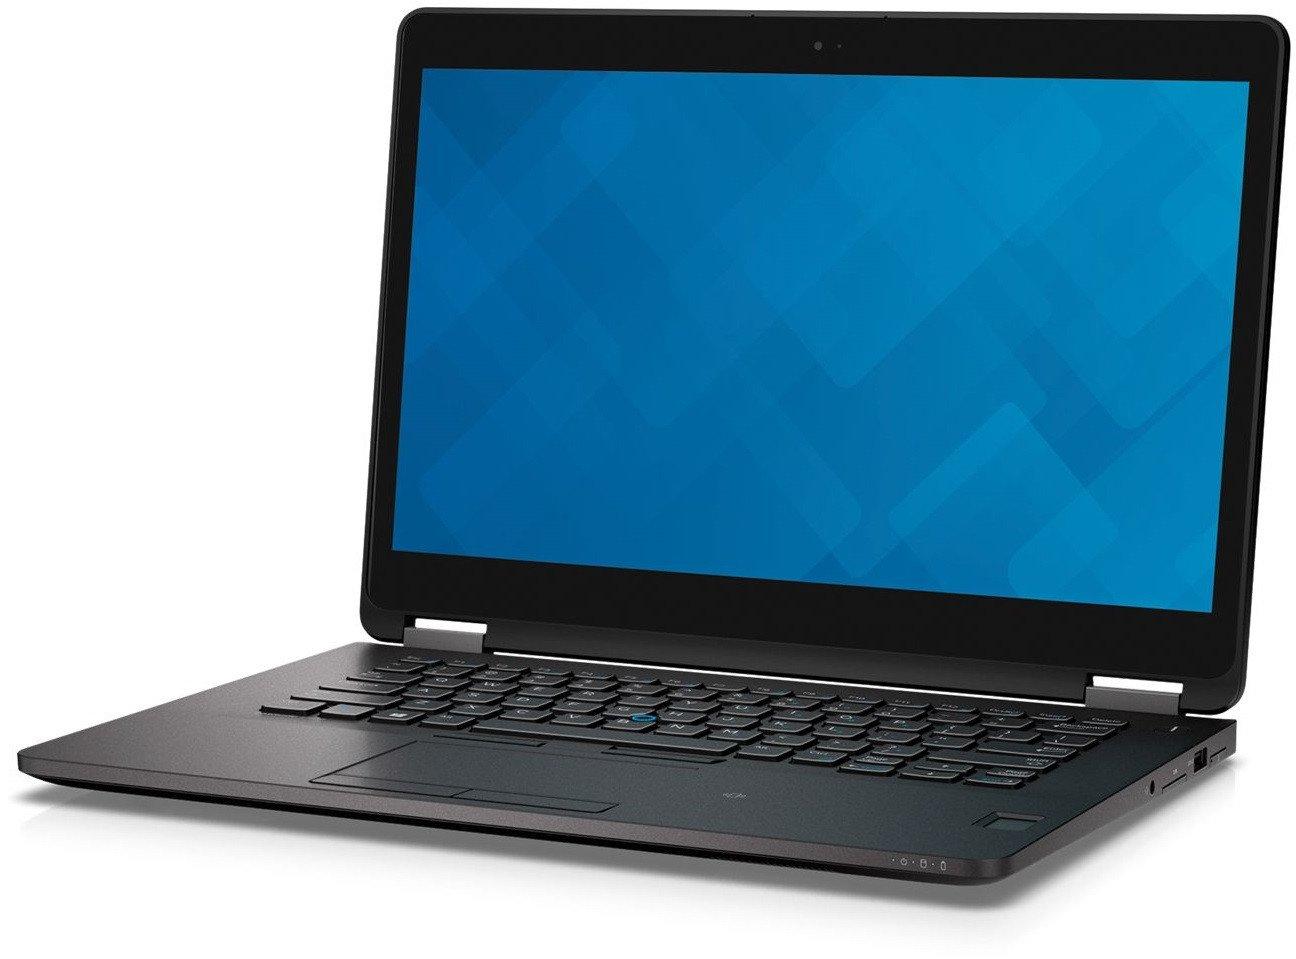 Dell Latitude 14 7000 E7470 I5 Astringo